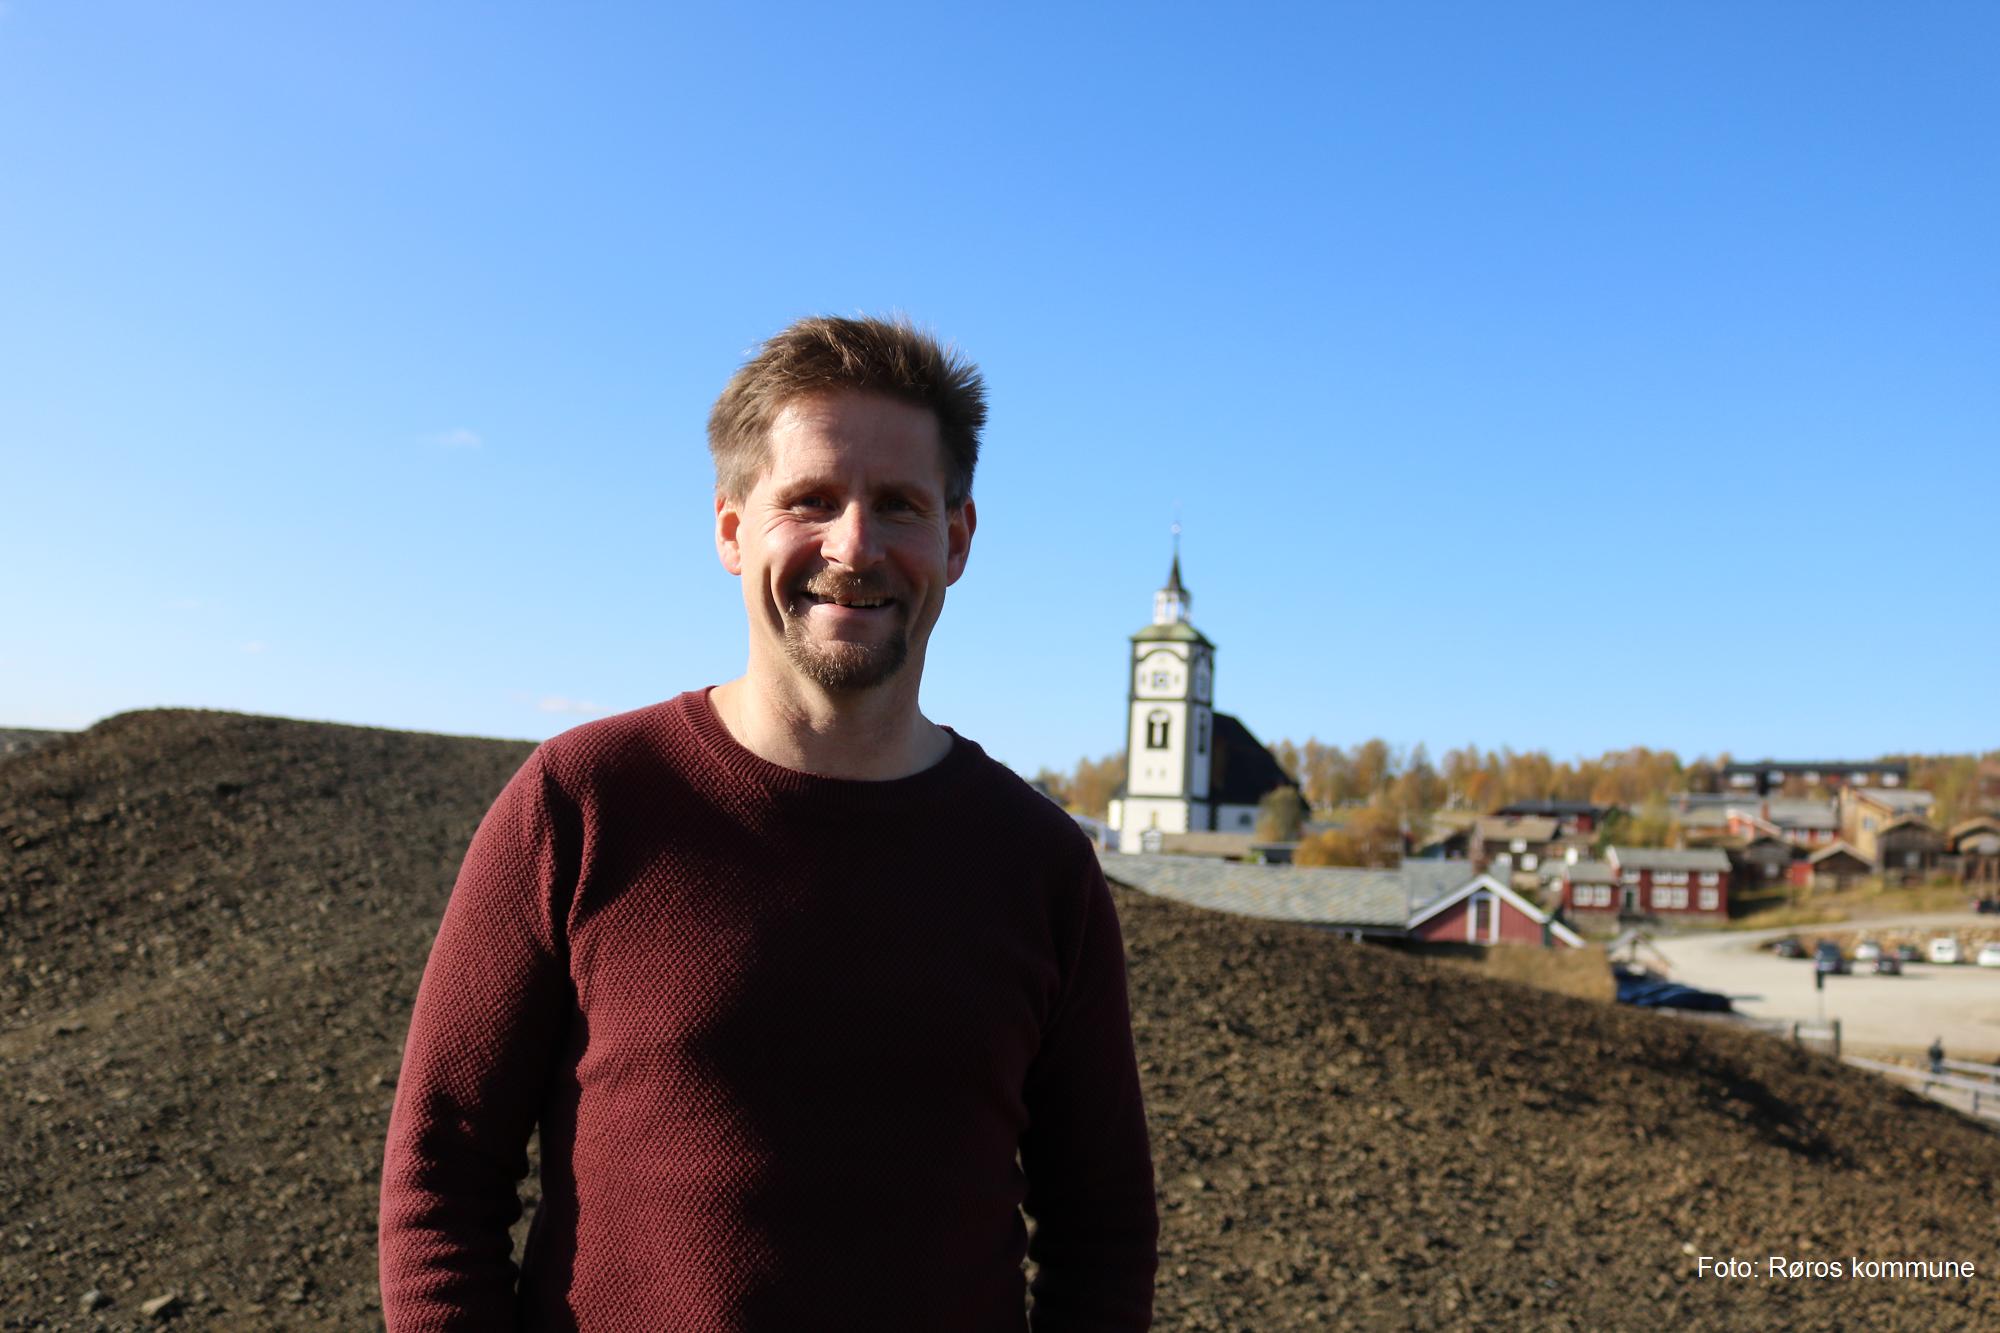 Rådmann Bernt Tennstrand, foto: Røros kommune